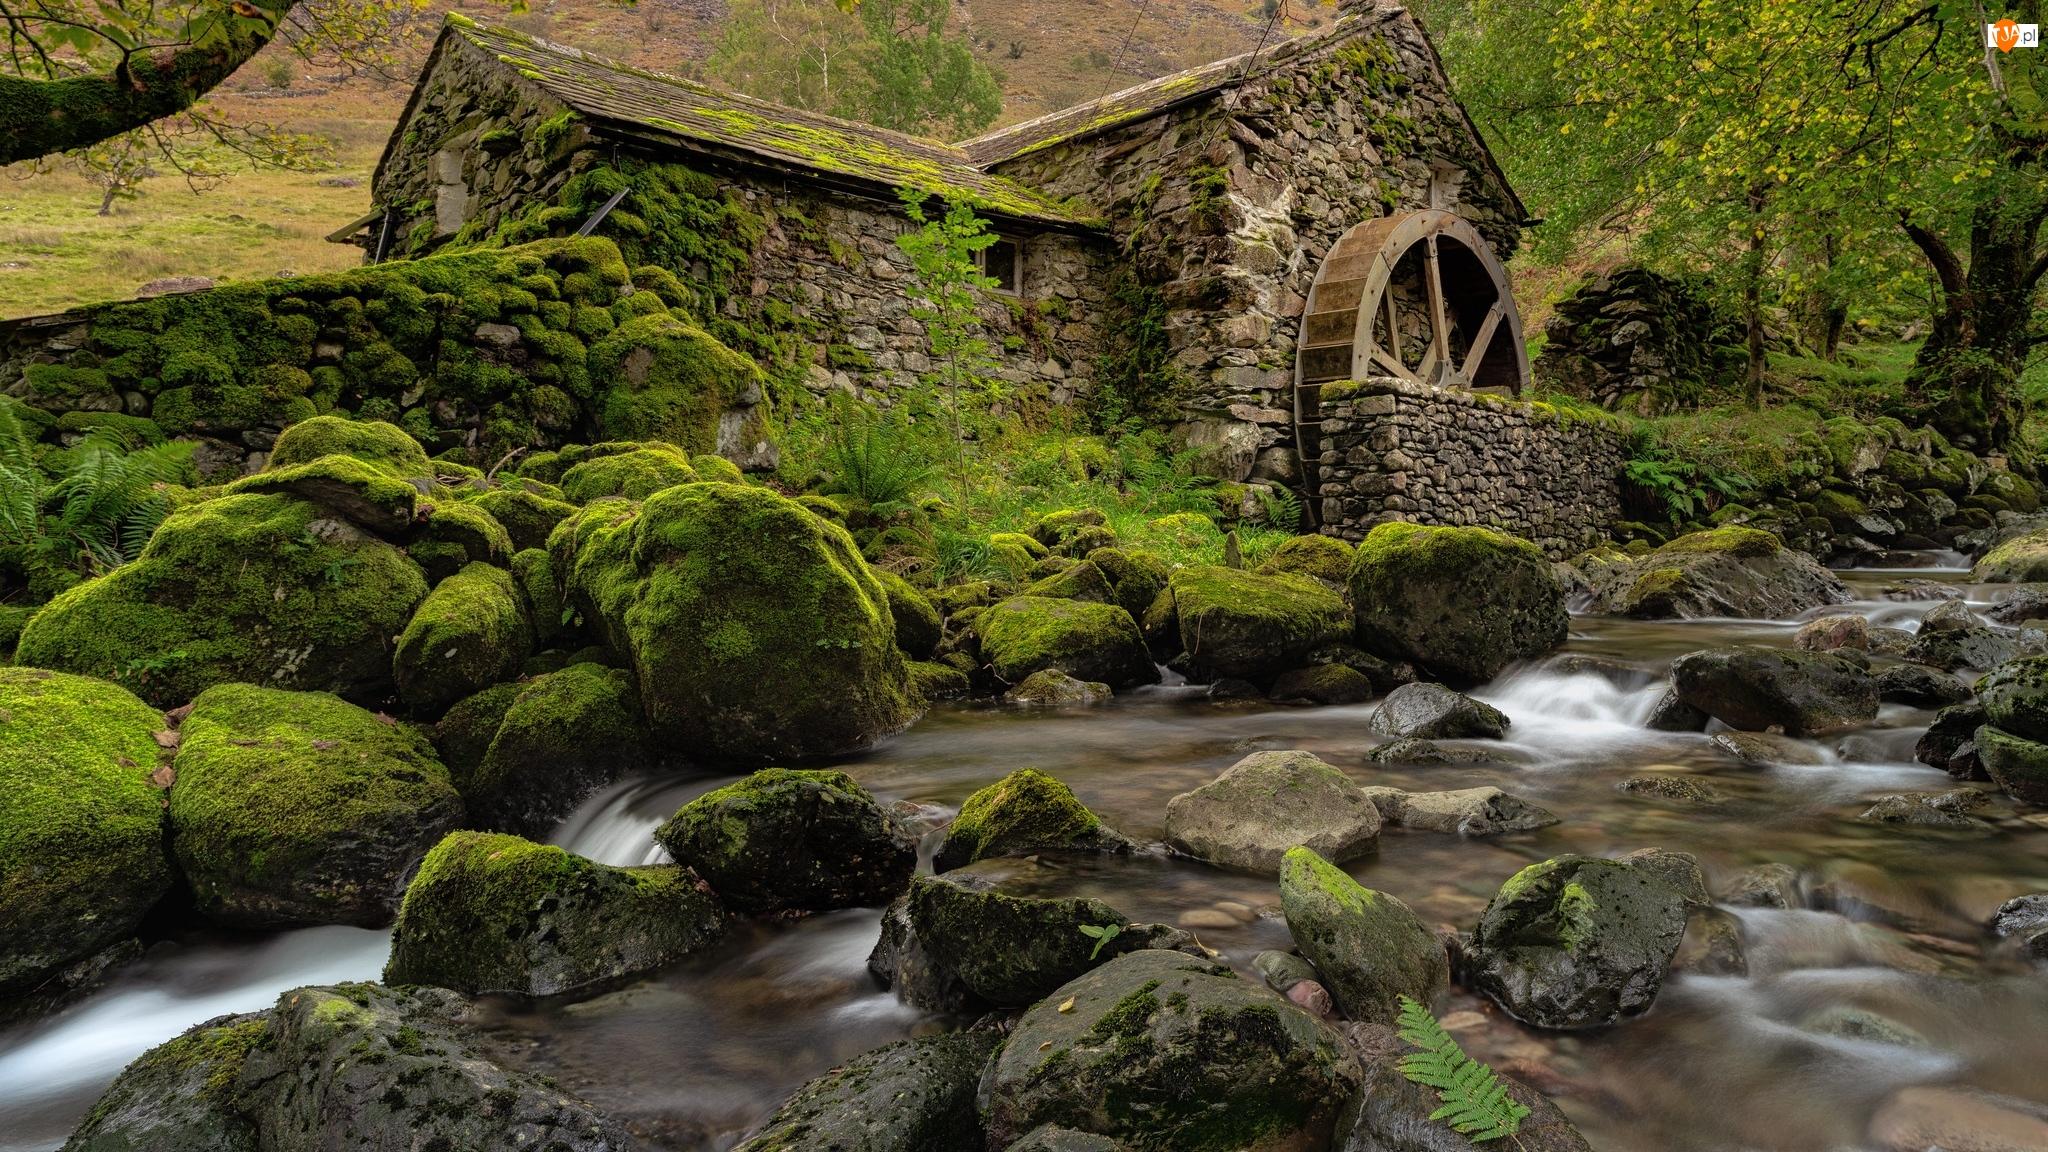 Młyn wodny, Omszałe, Anglia, Rzeka, Cumbria, Borrowdale, Kamienie